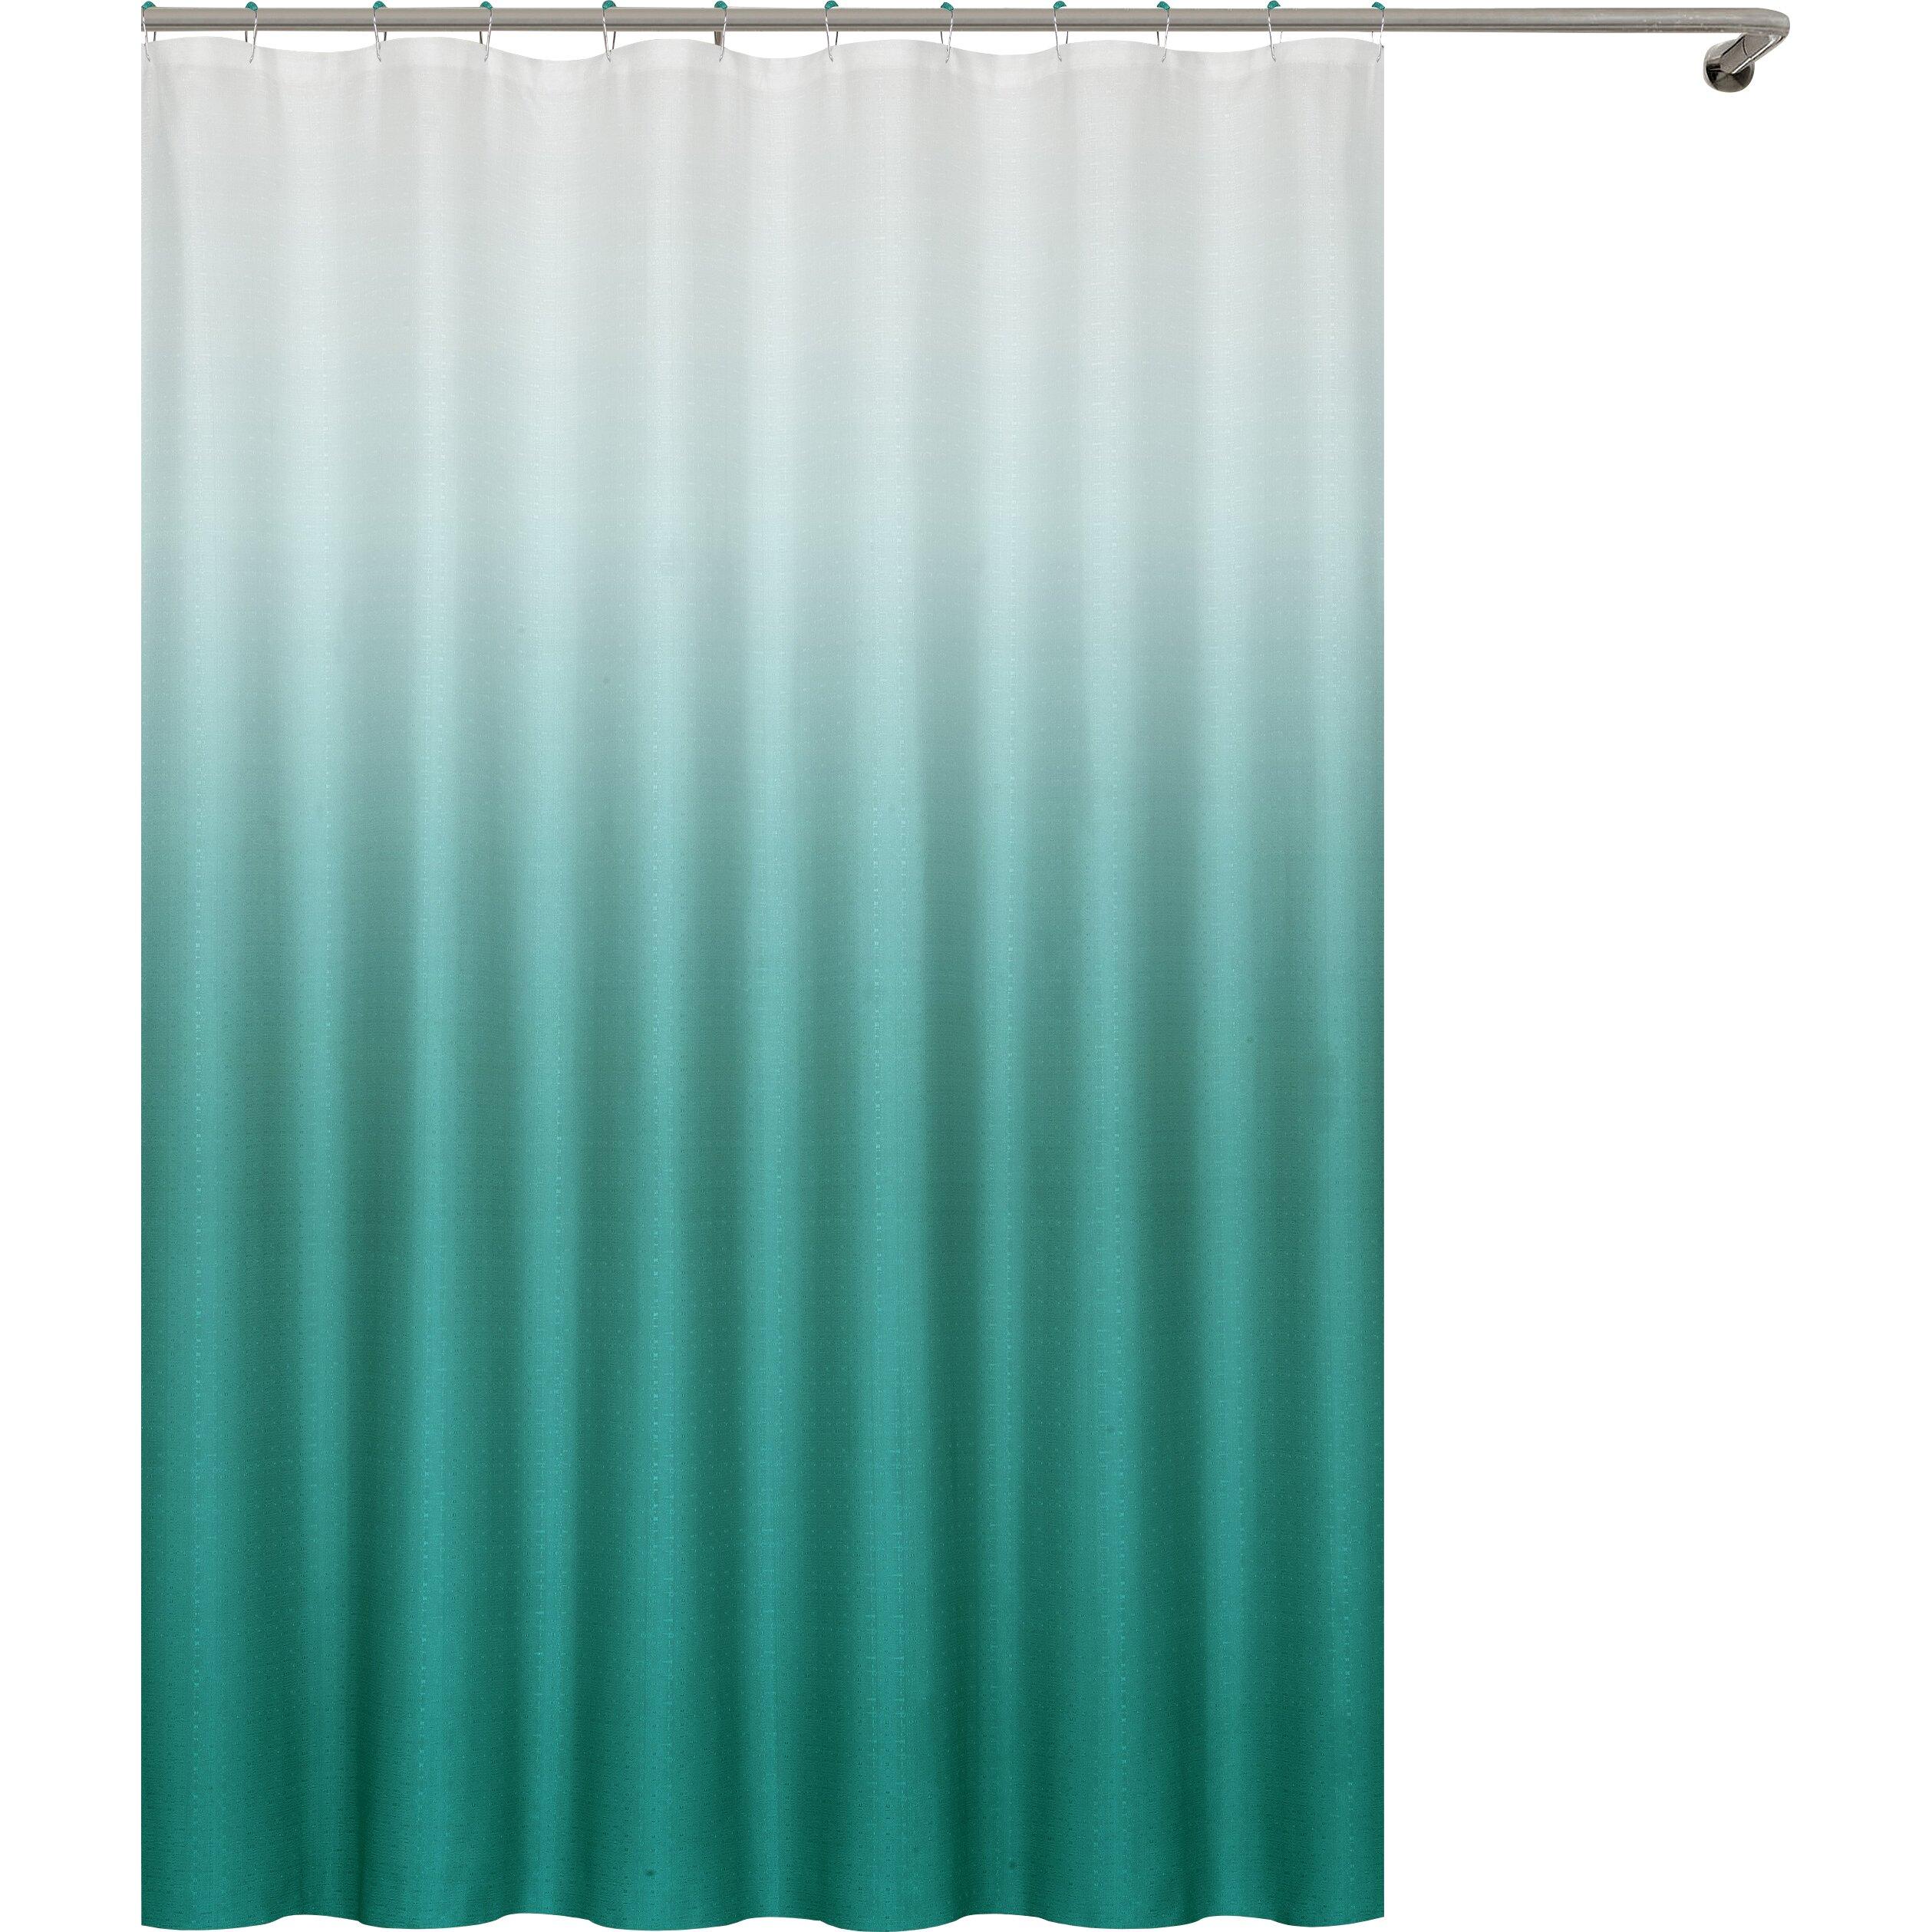 Daniels Bath Spa Bath Shower Curtain Amp Reviews Wayfair